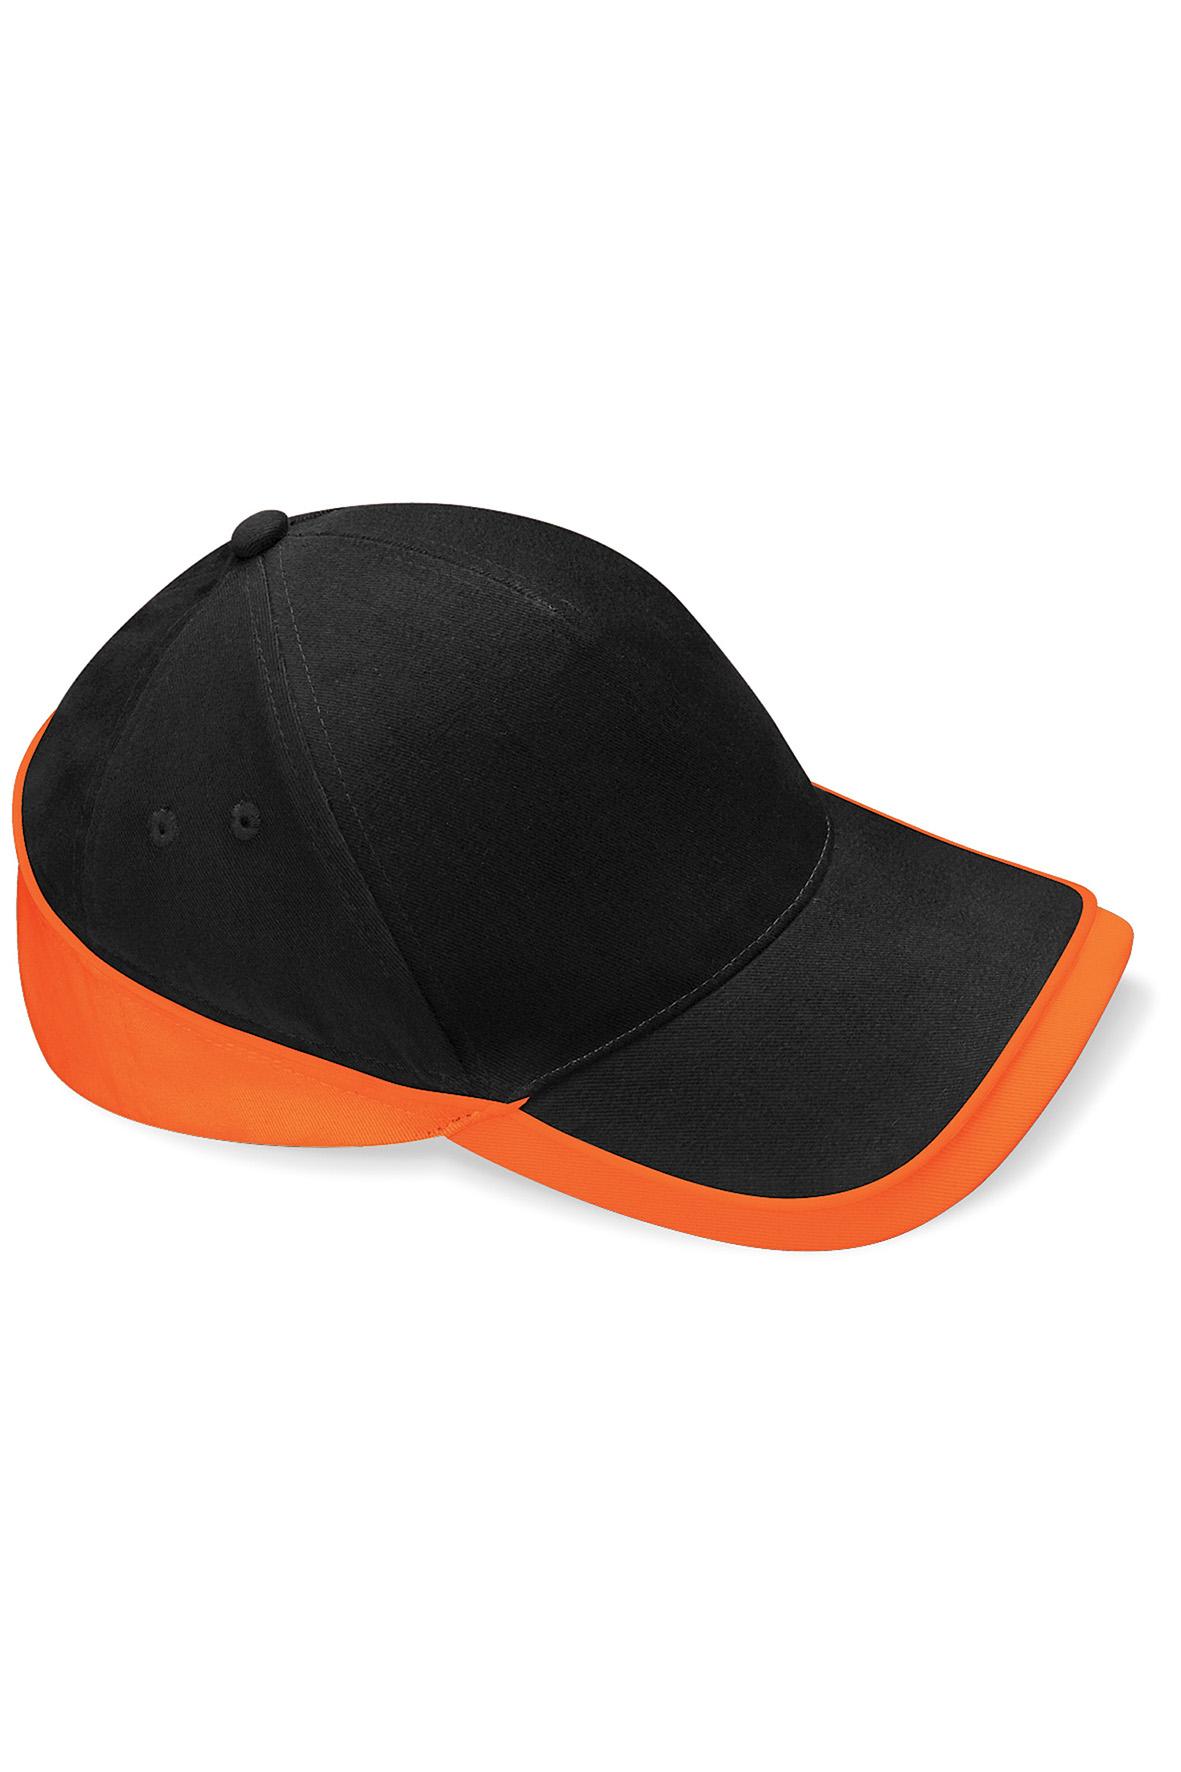 Teamwear Lippis Musta-oranssi